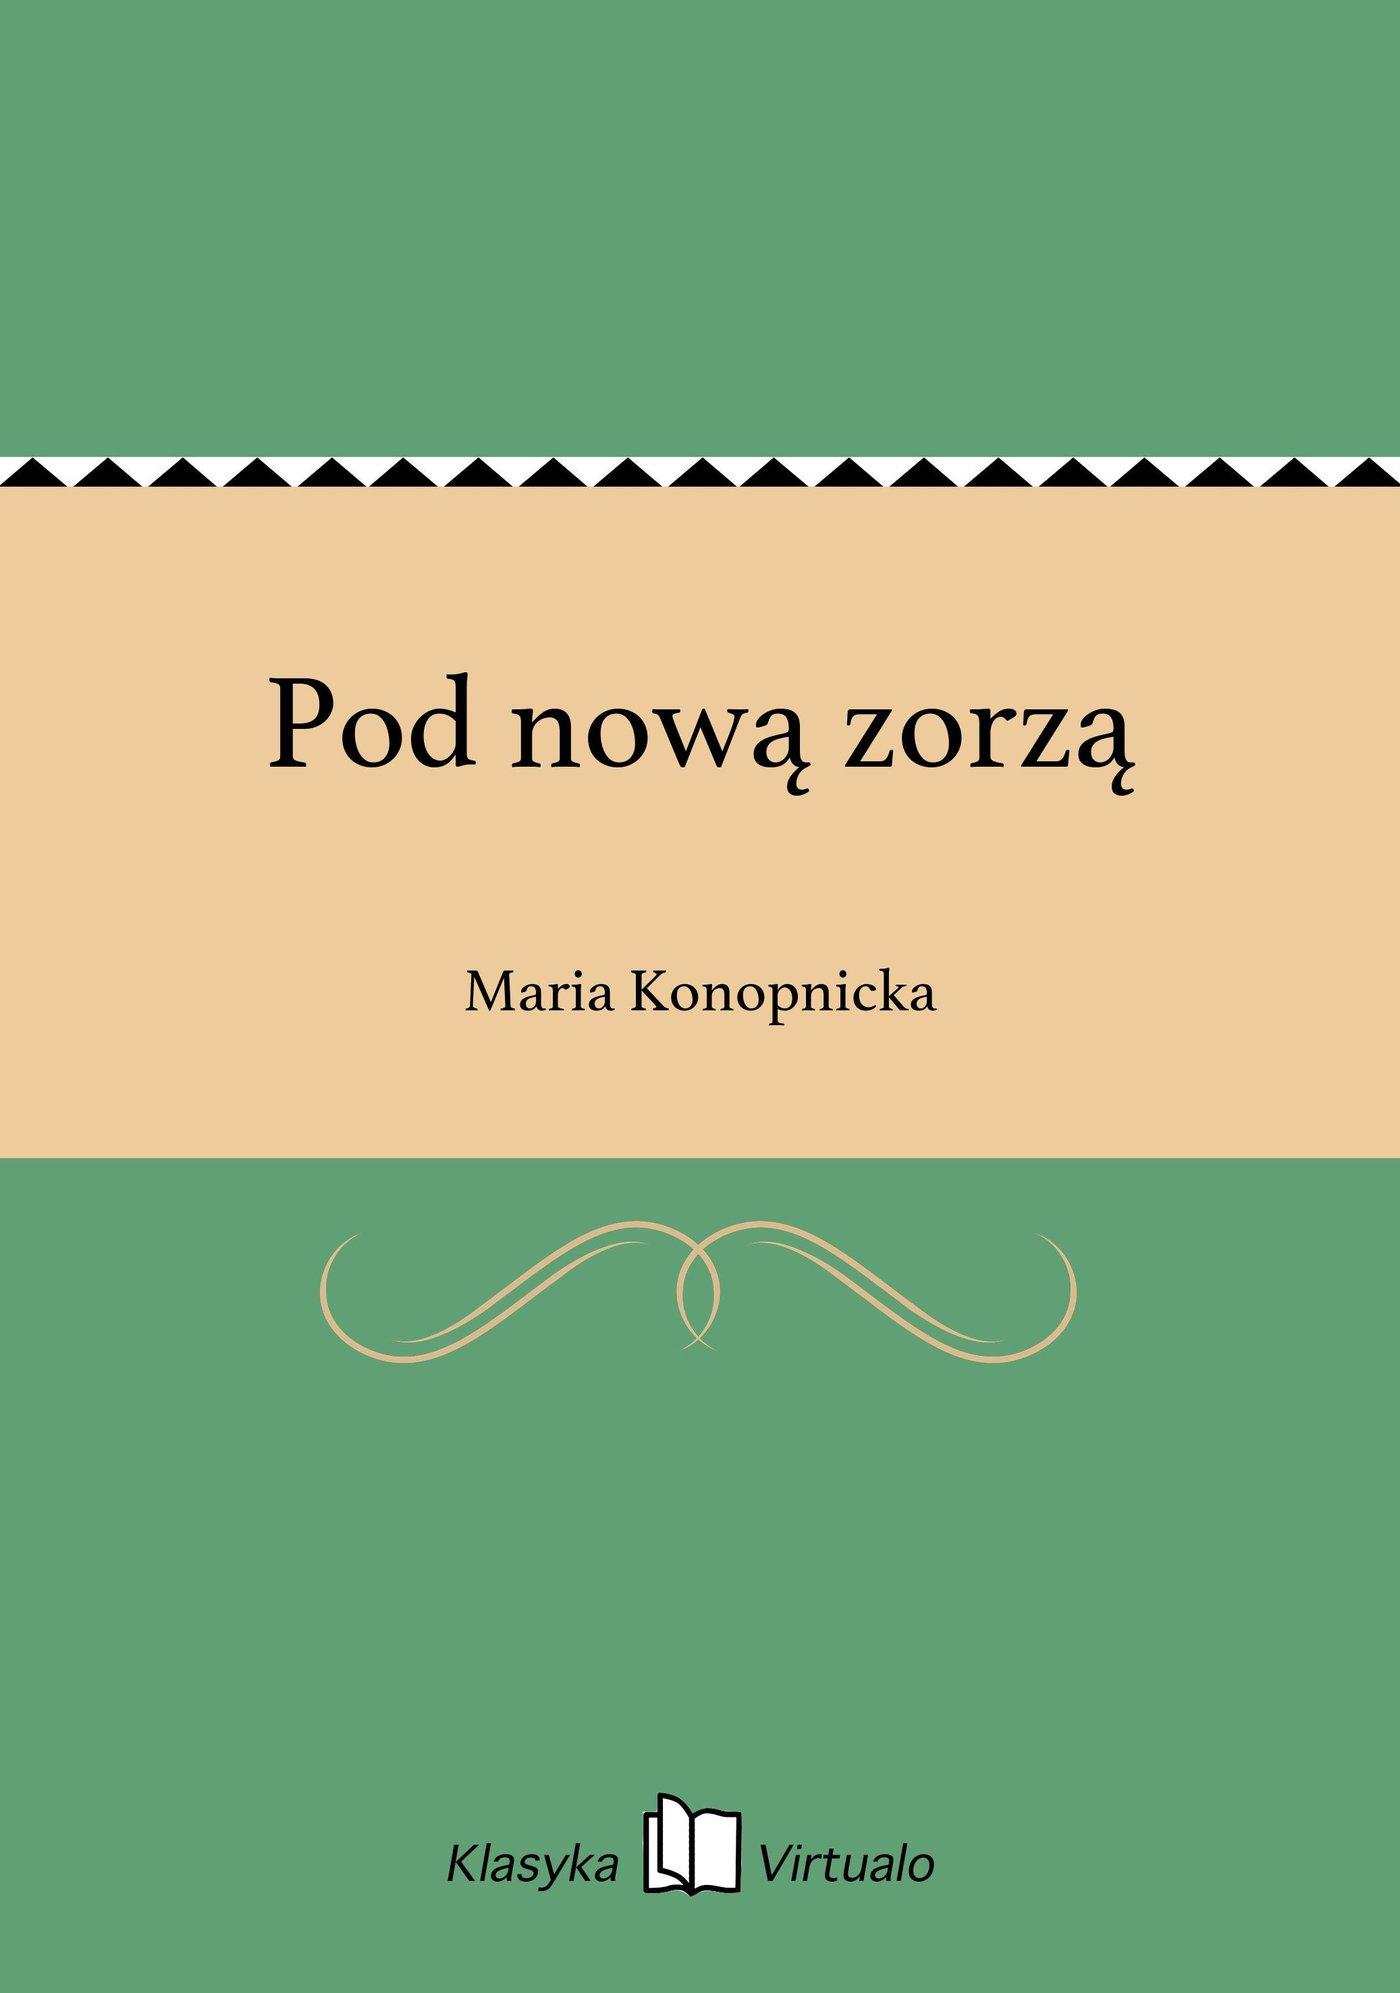 Pod nową zorzą - Ebook (Książka na Kindle) do pobrania w formacie MOBI